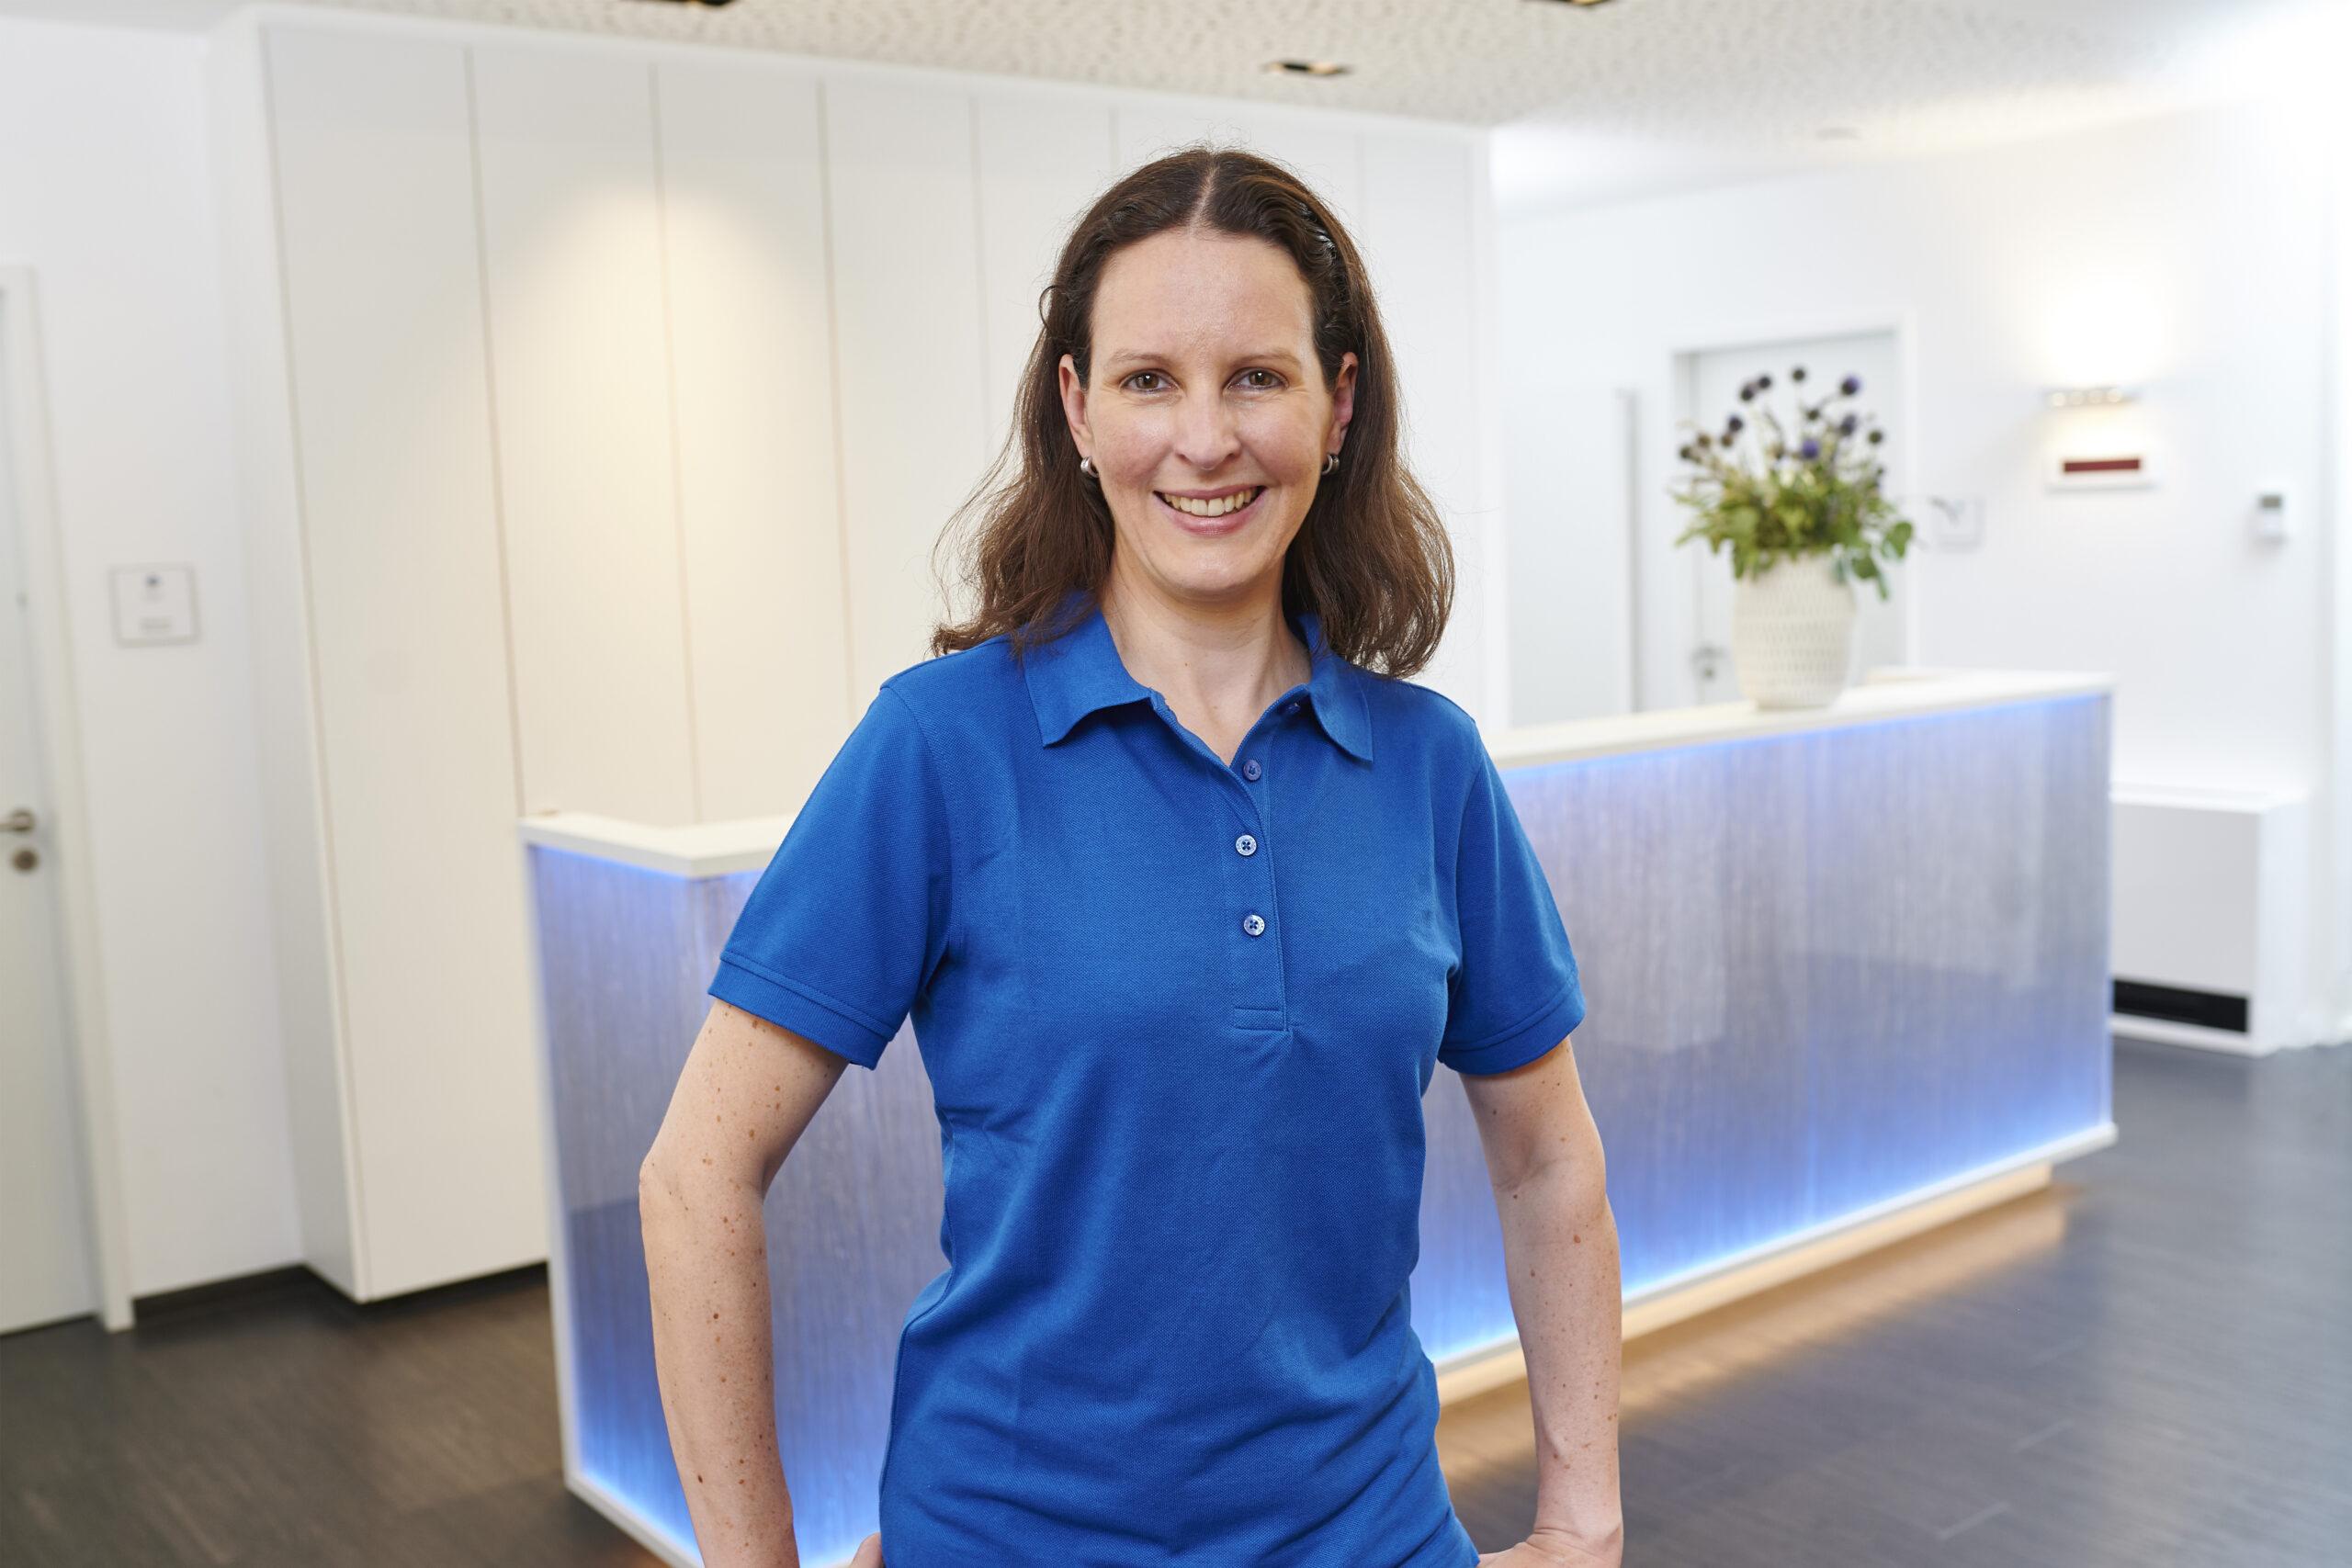 Karin Schaible